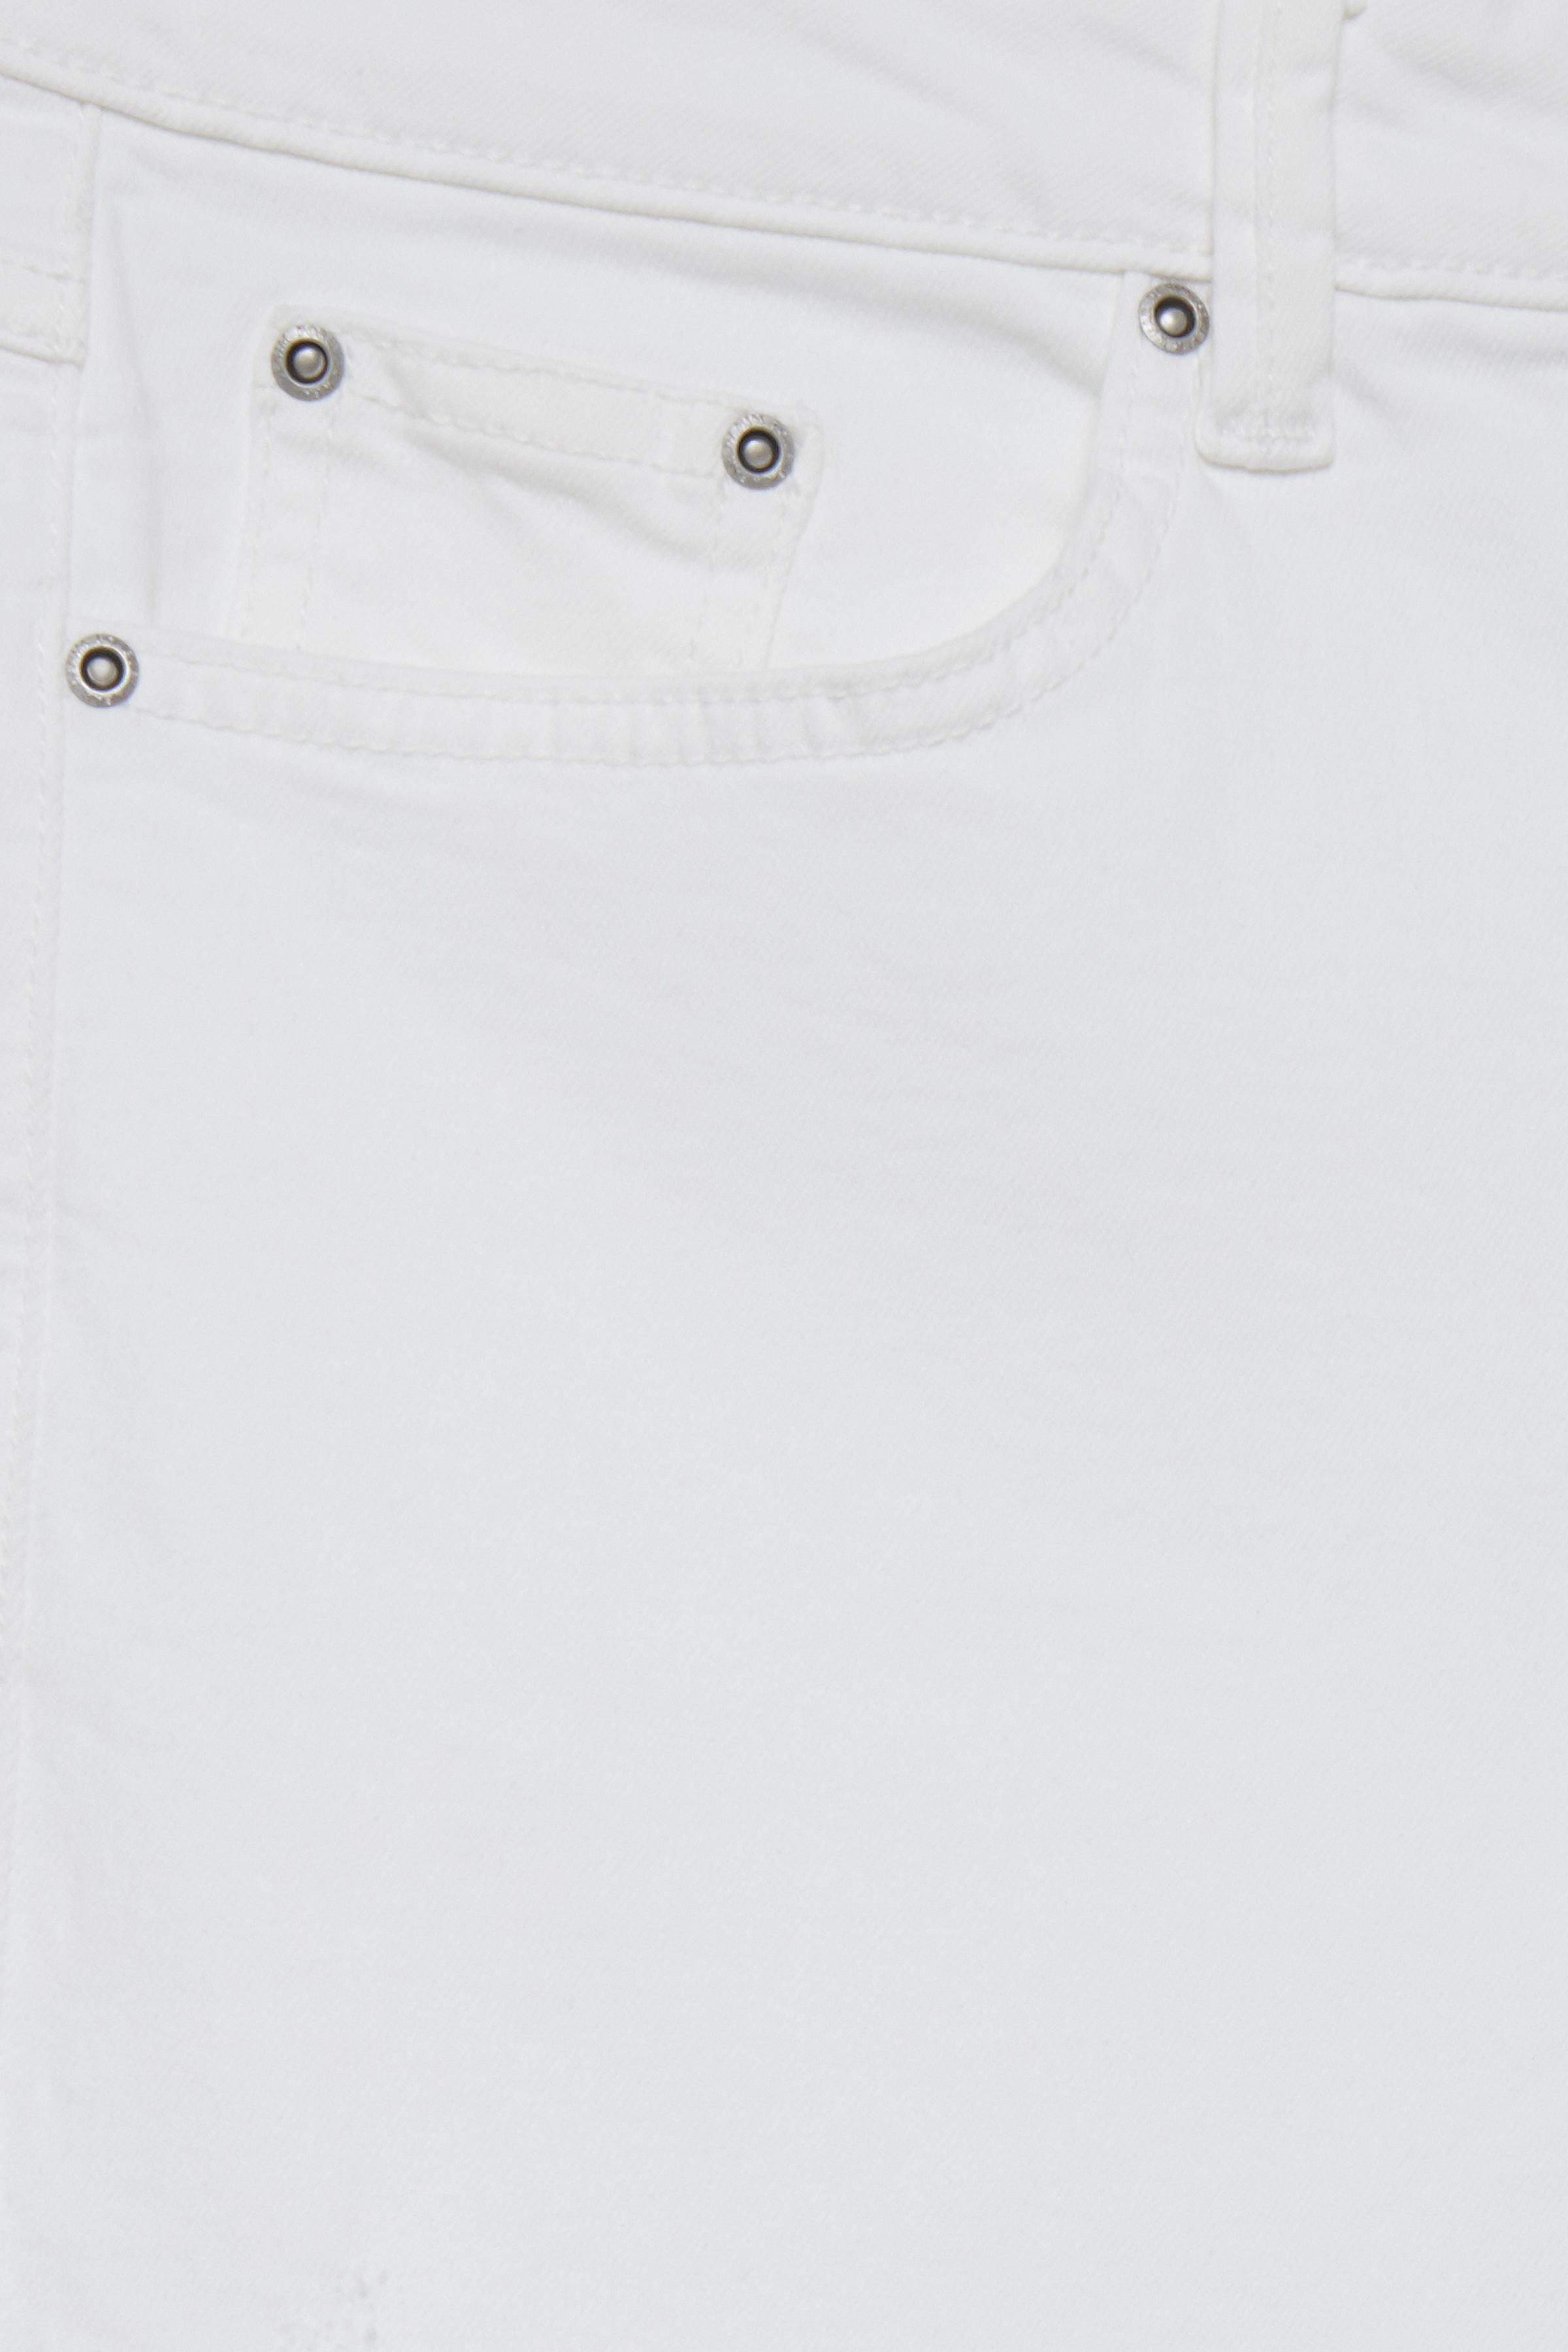 Optical White Jeans von b.young – Kaufen Sie Optical White Jeans aus Größe 25-36 hier